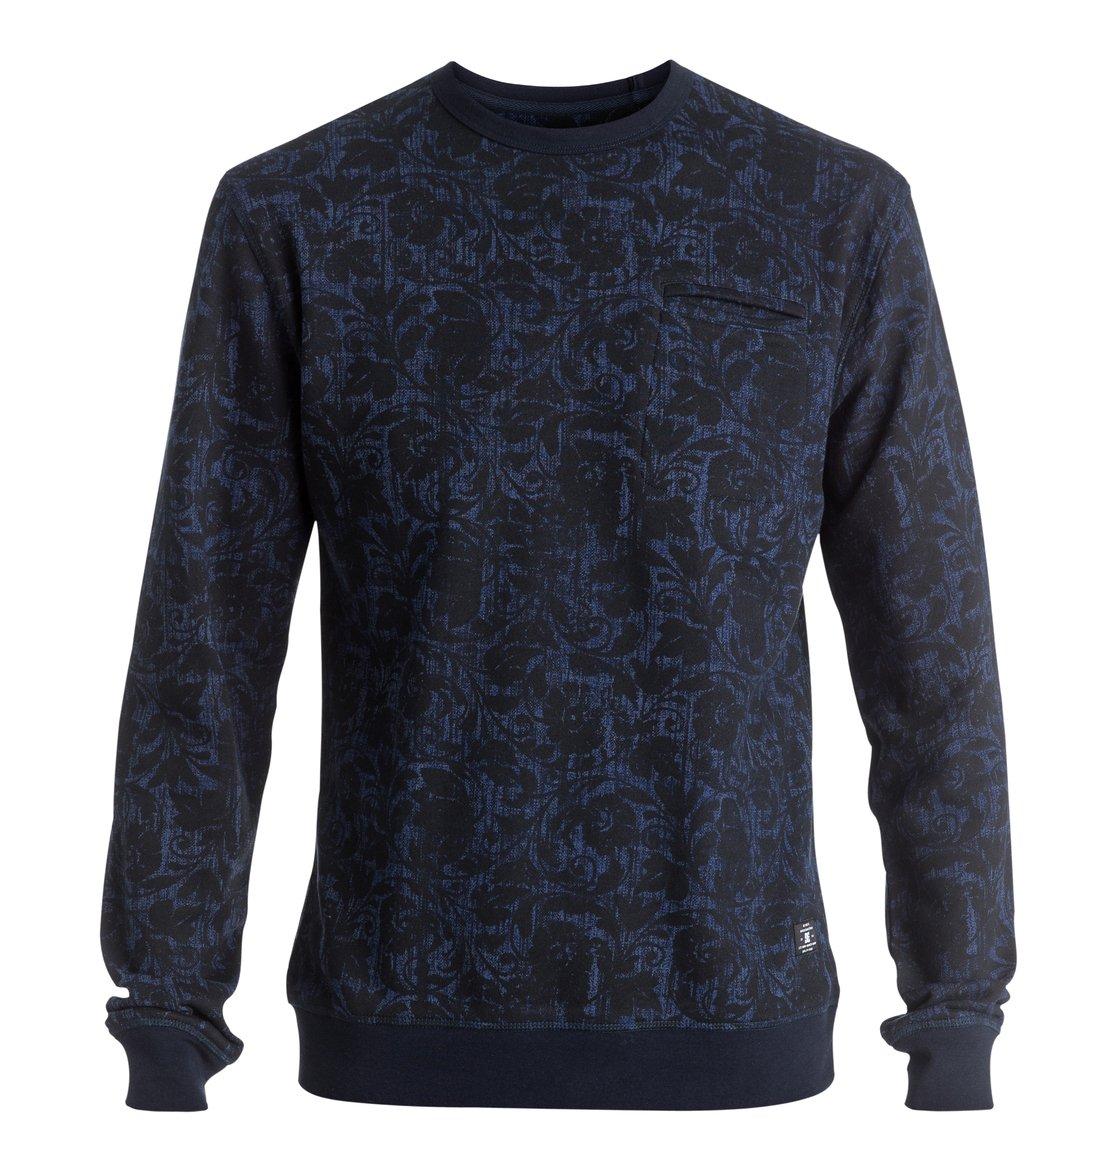 Lenox - Sweatshirt